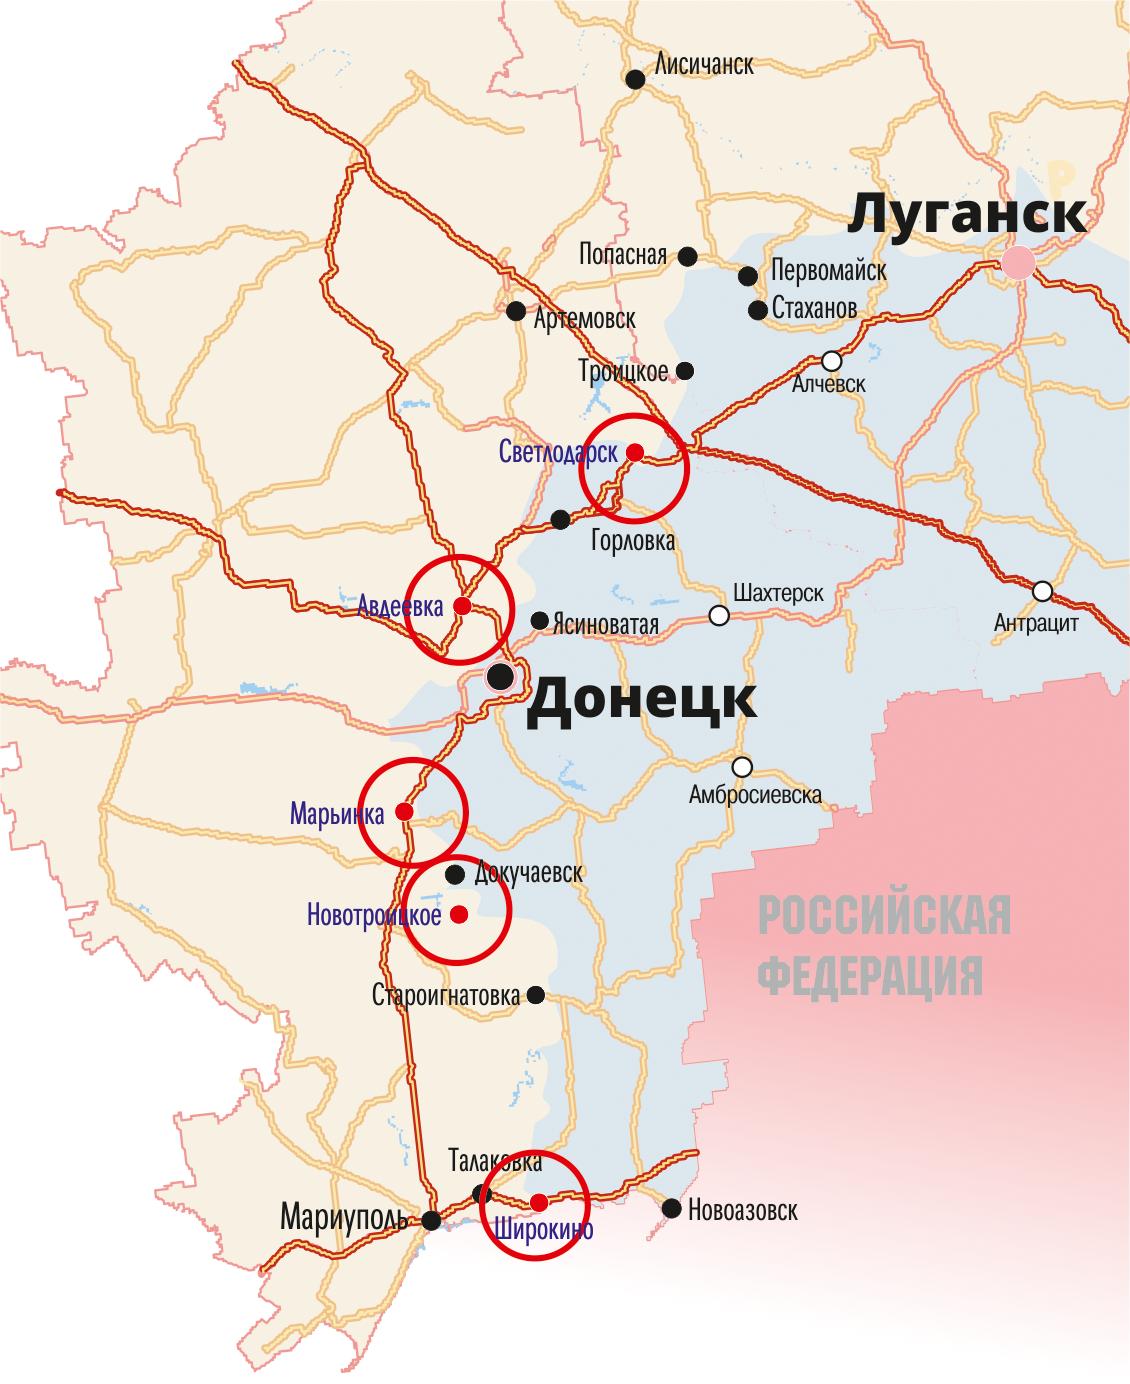 Приклад Мосула. Як ЗСУ можуть воювати у Донецьку - фото 3